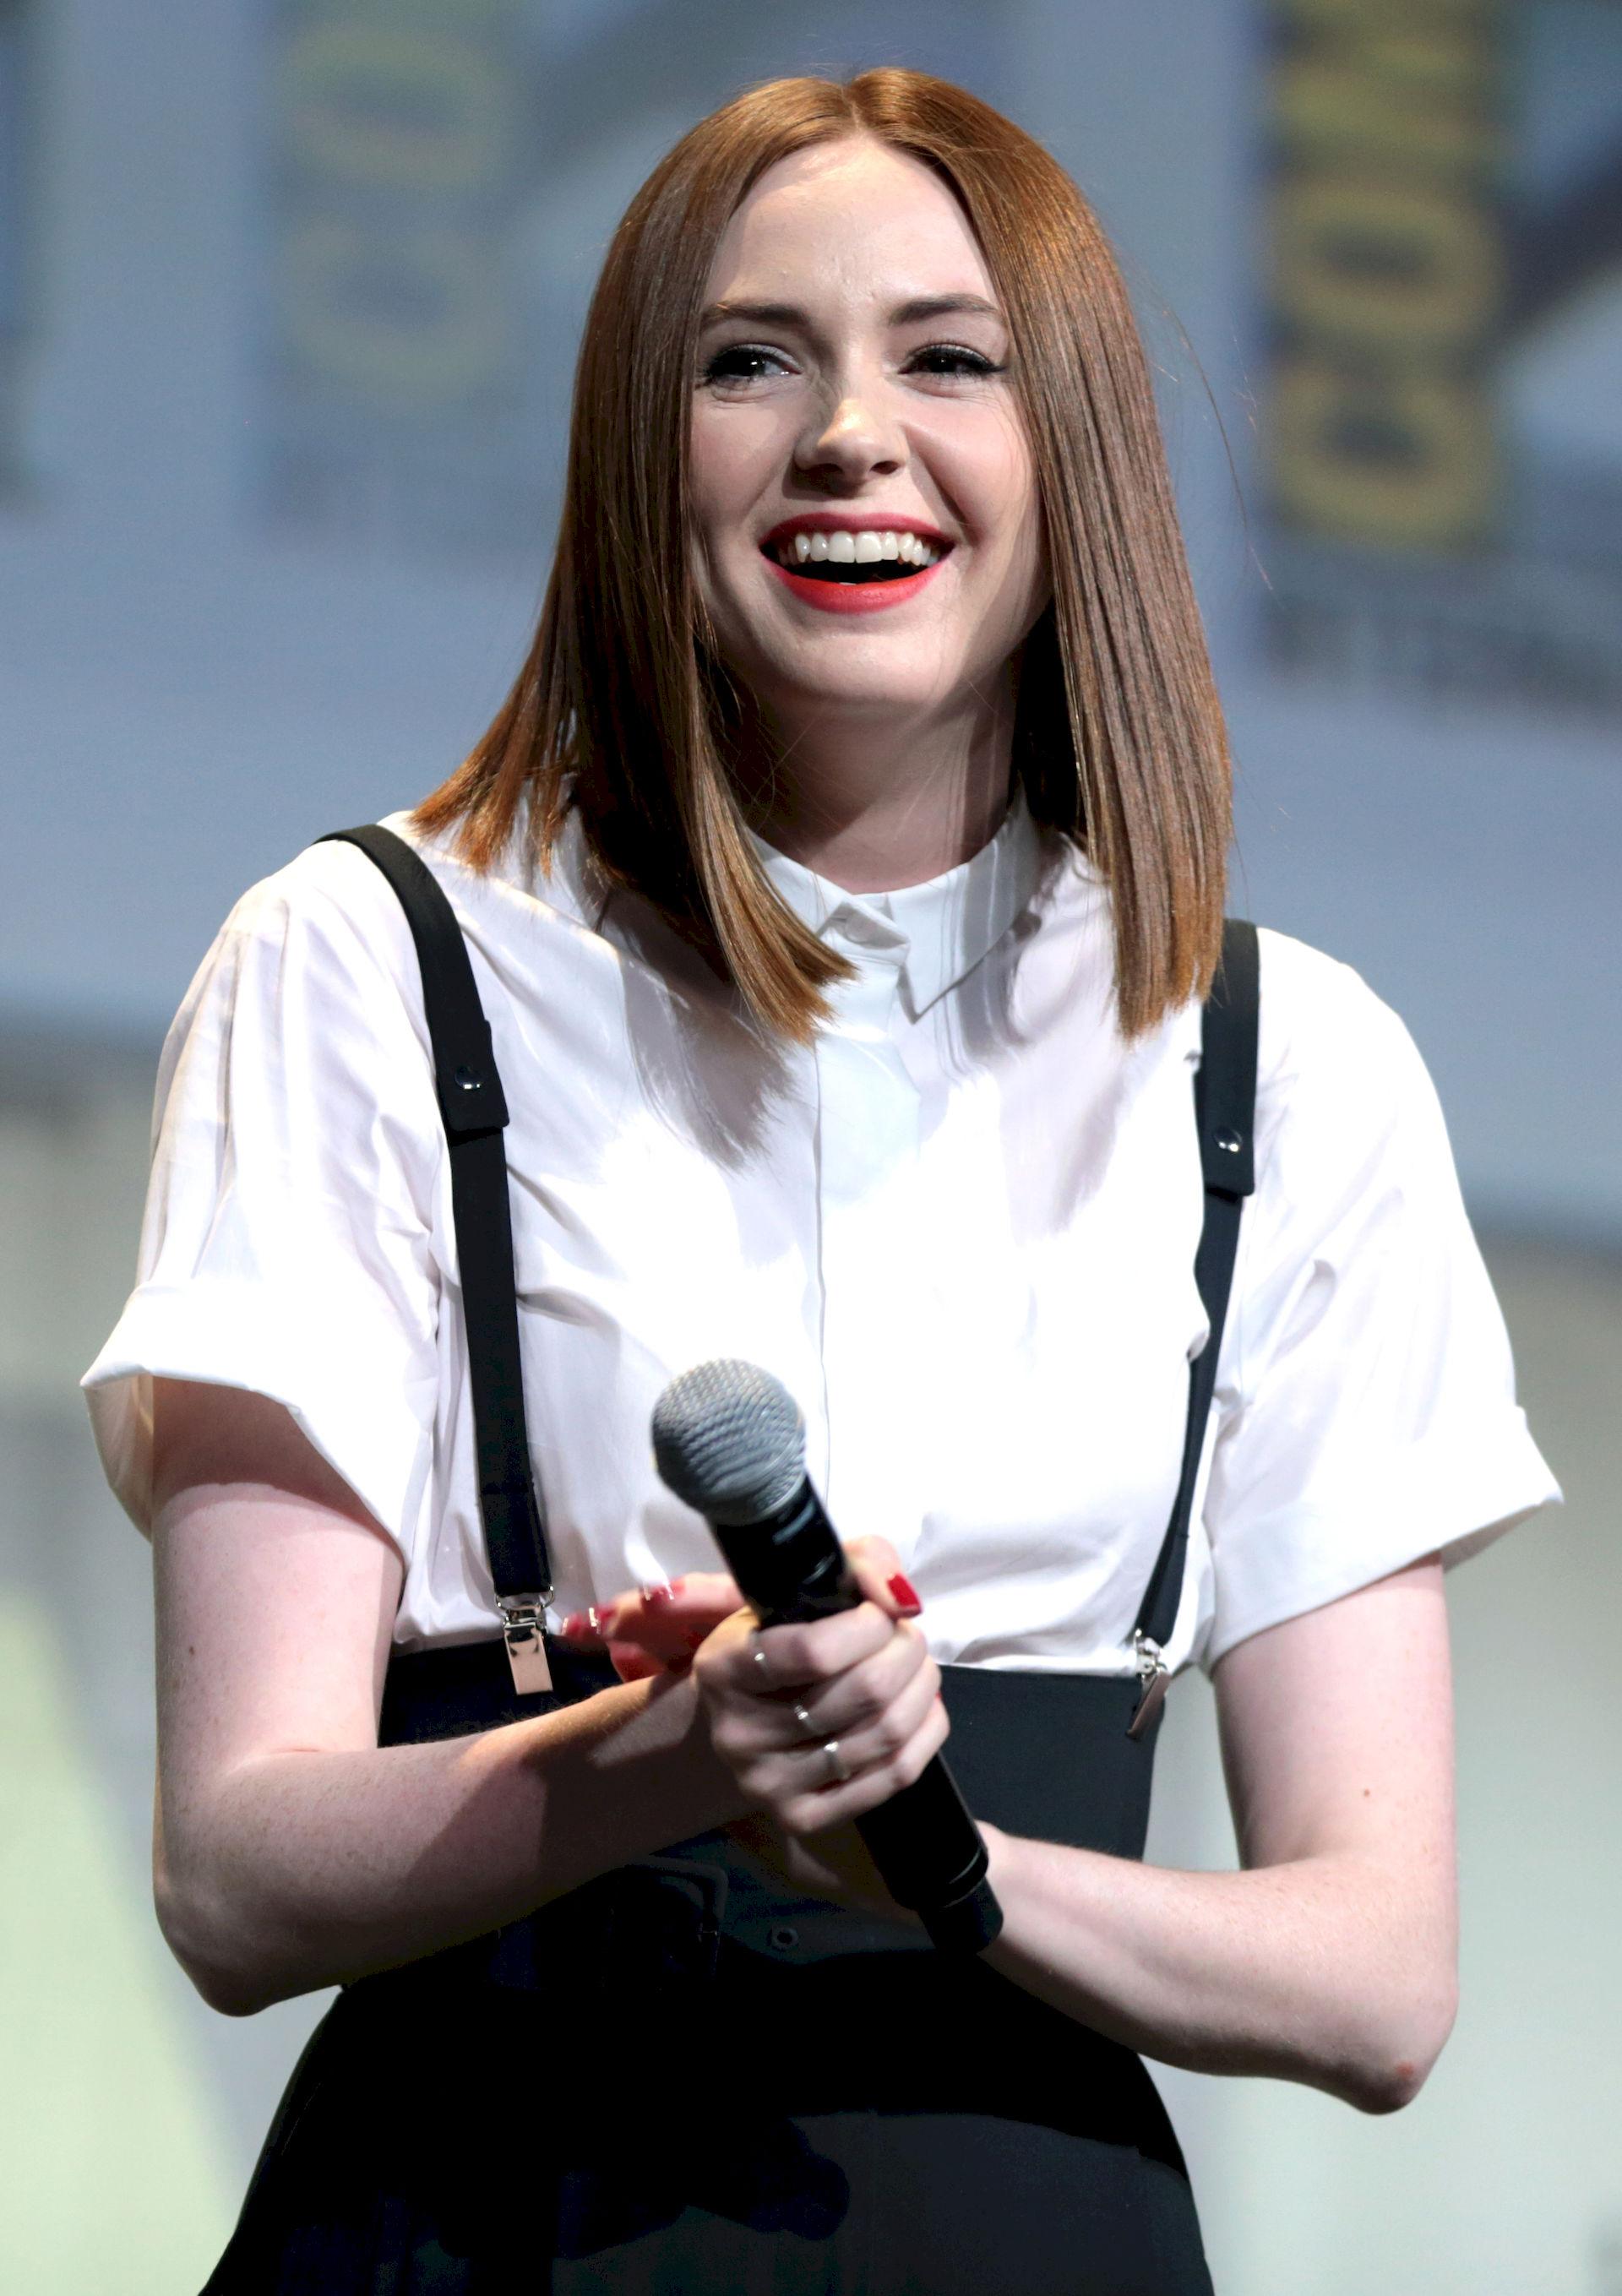 Photo of Karen Gillan: Scottish actress and former model